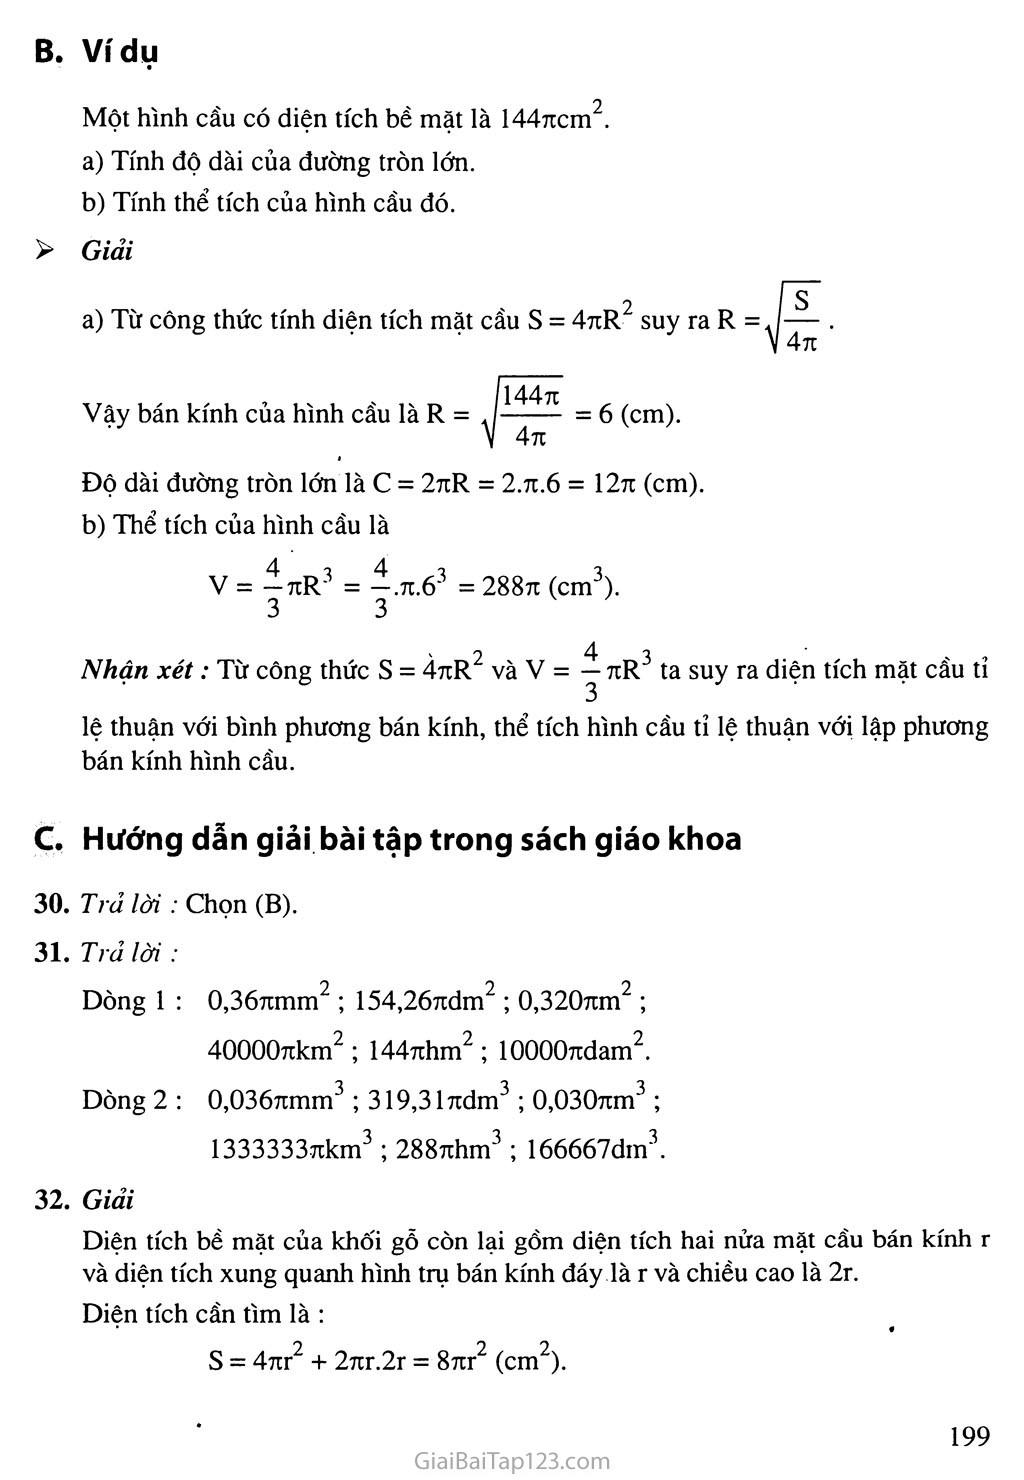 Bài 3. Hình cầu - Diện tích mặt cầu và thể tích mặt cầu trang 2